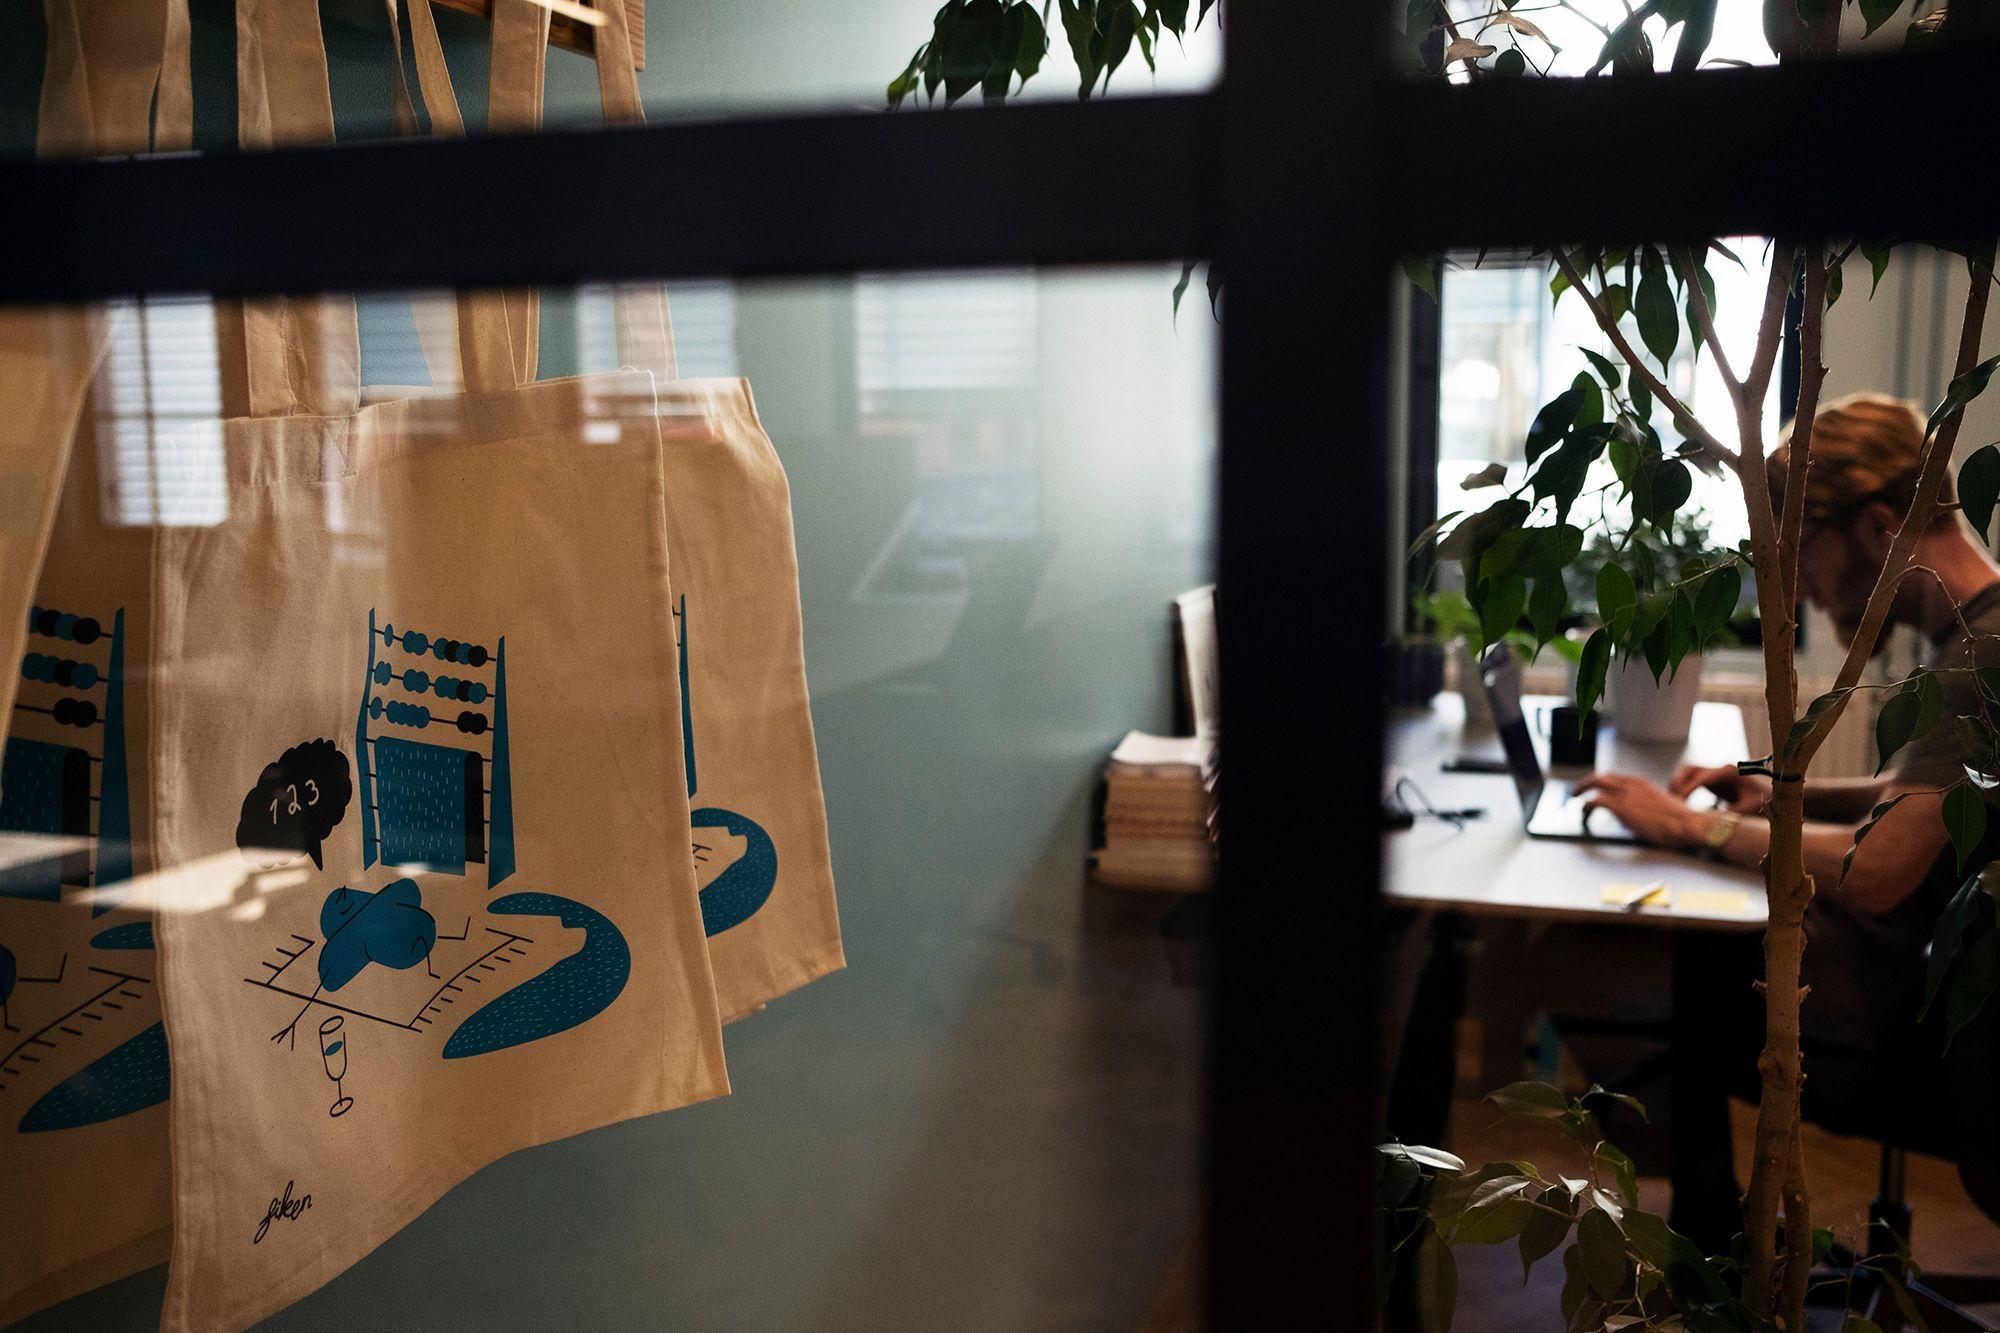 Fotografi av en person som sitter på et kontor og skriver